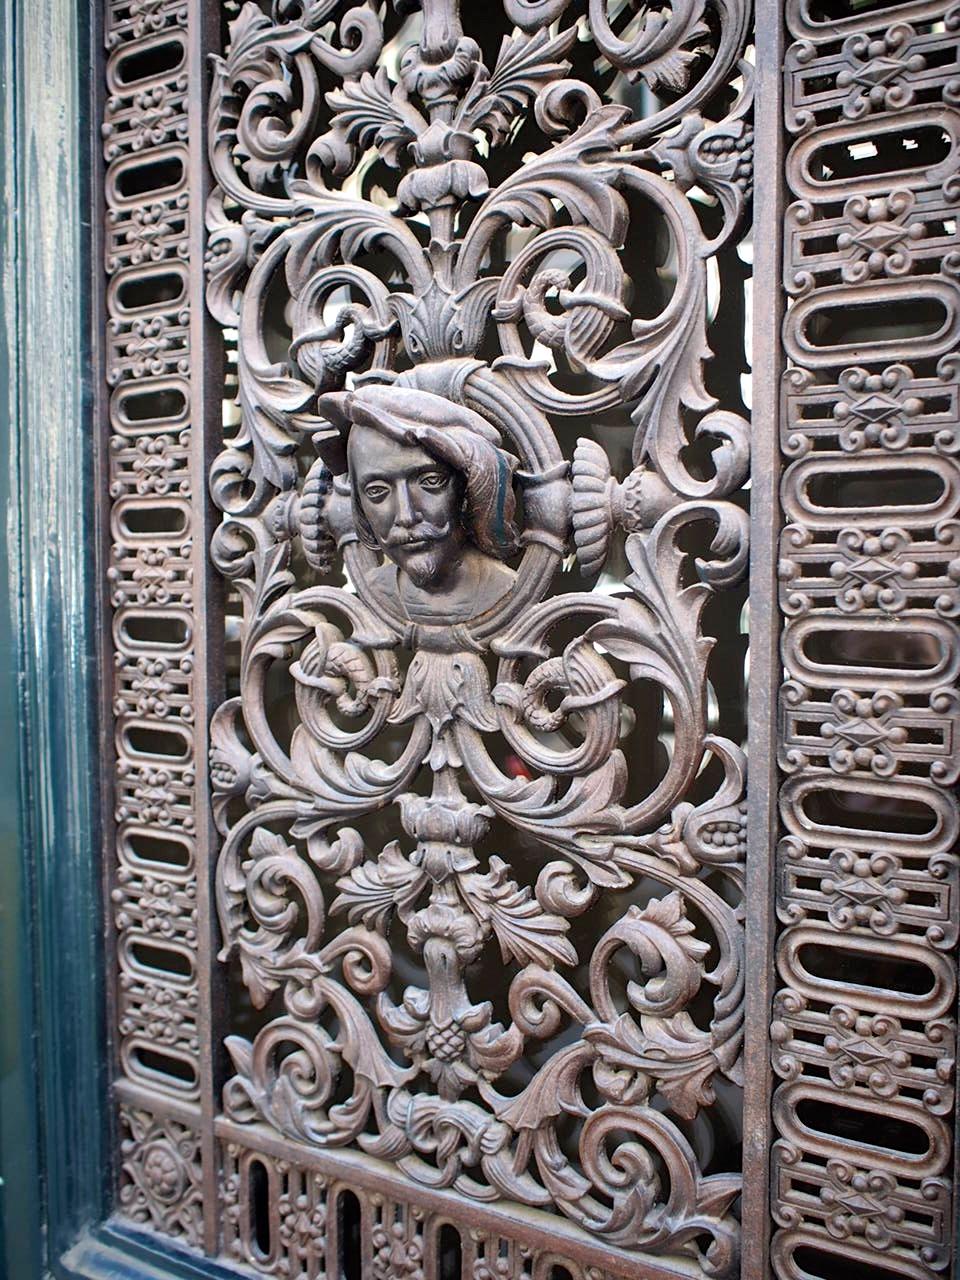 just a door in the neighborhood, Saint-Germain-des-Prés